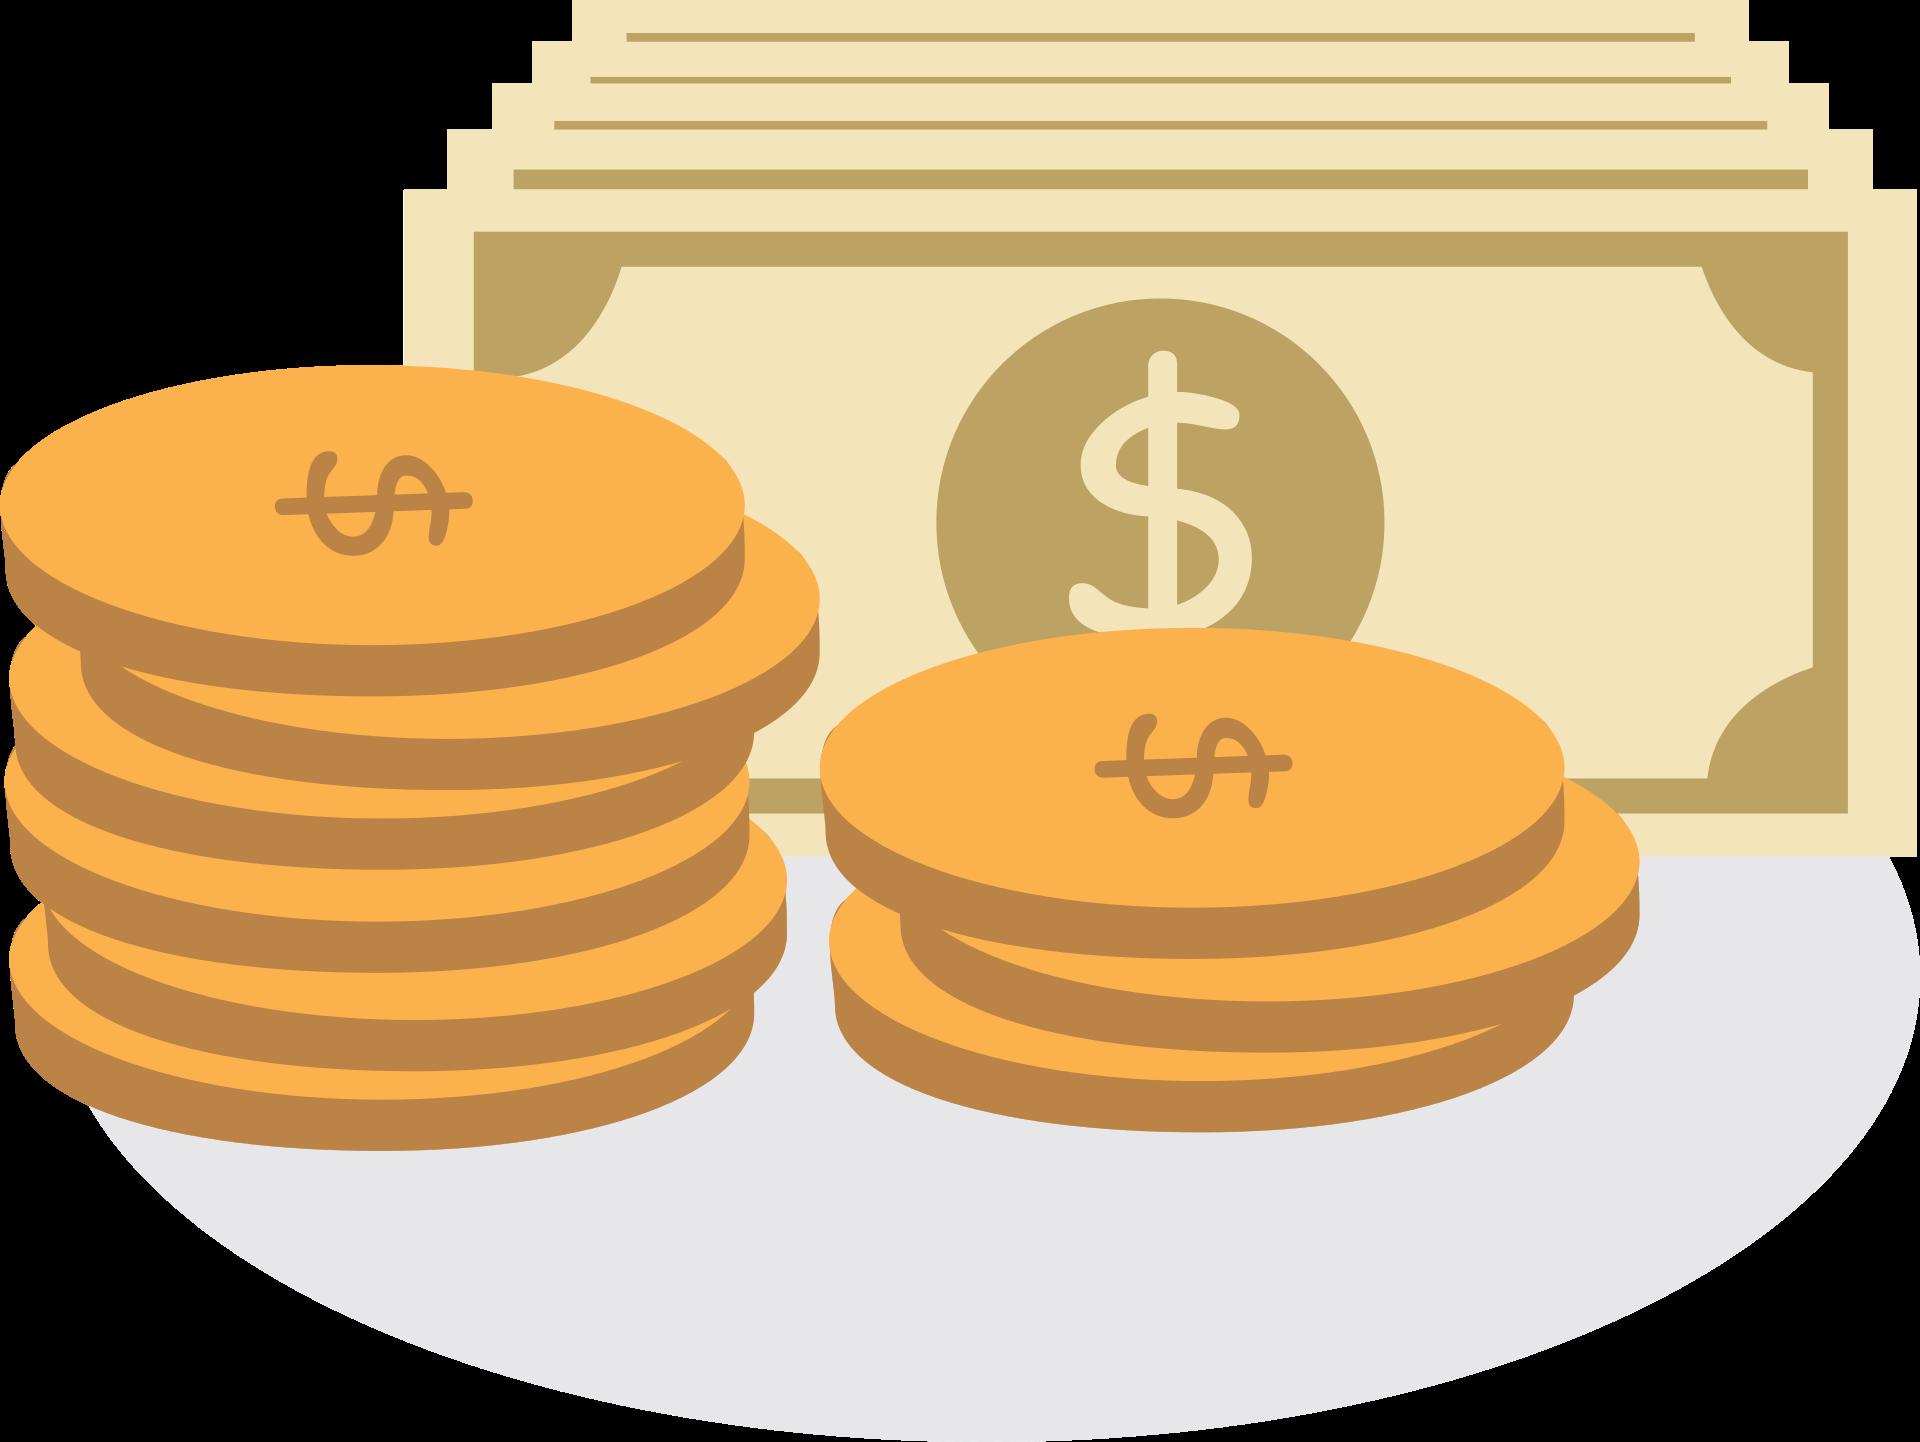 חוק המזומן- בעיה או הזדמנות חדשה?